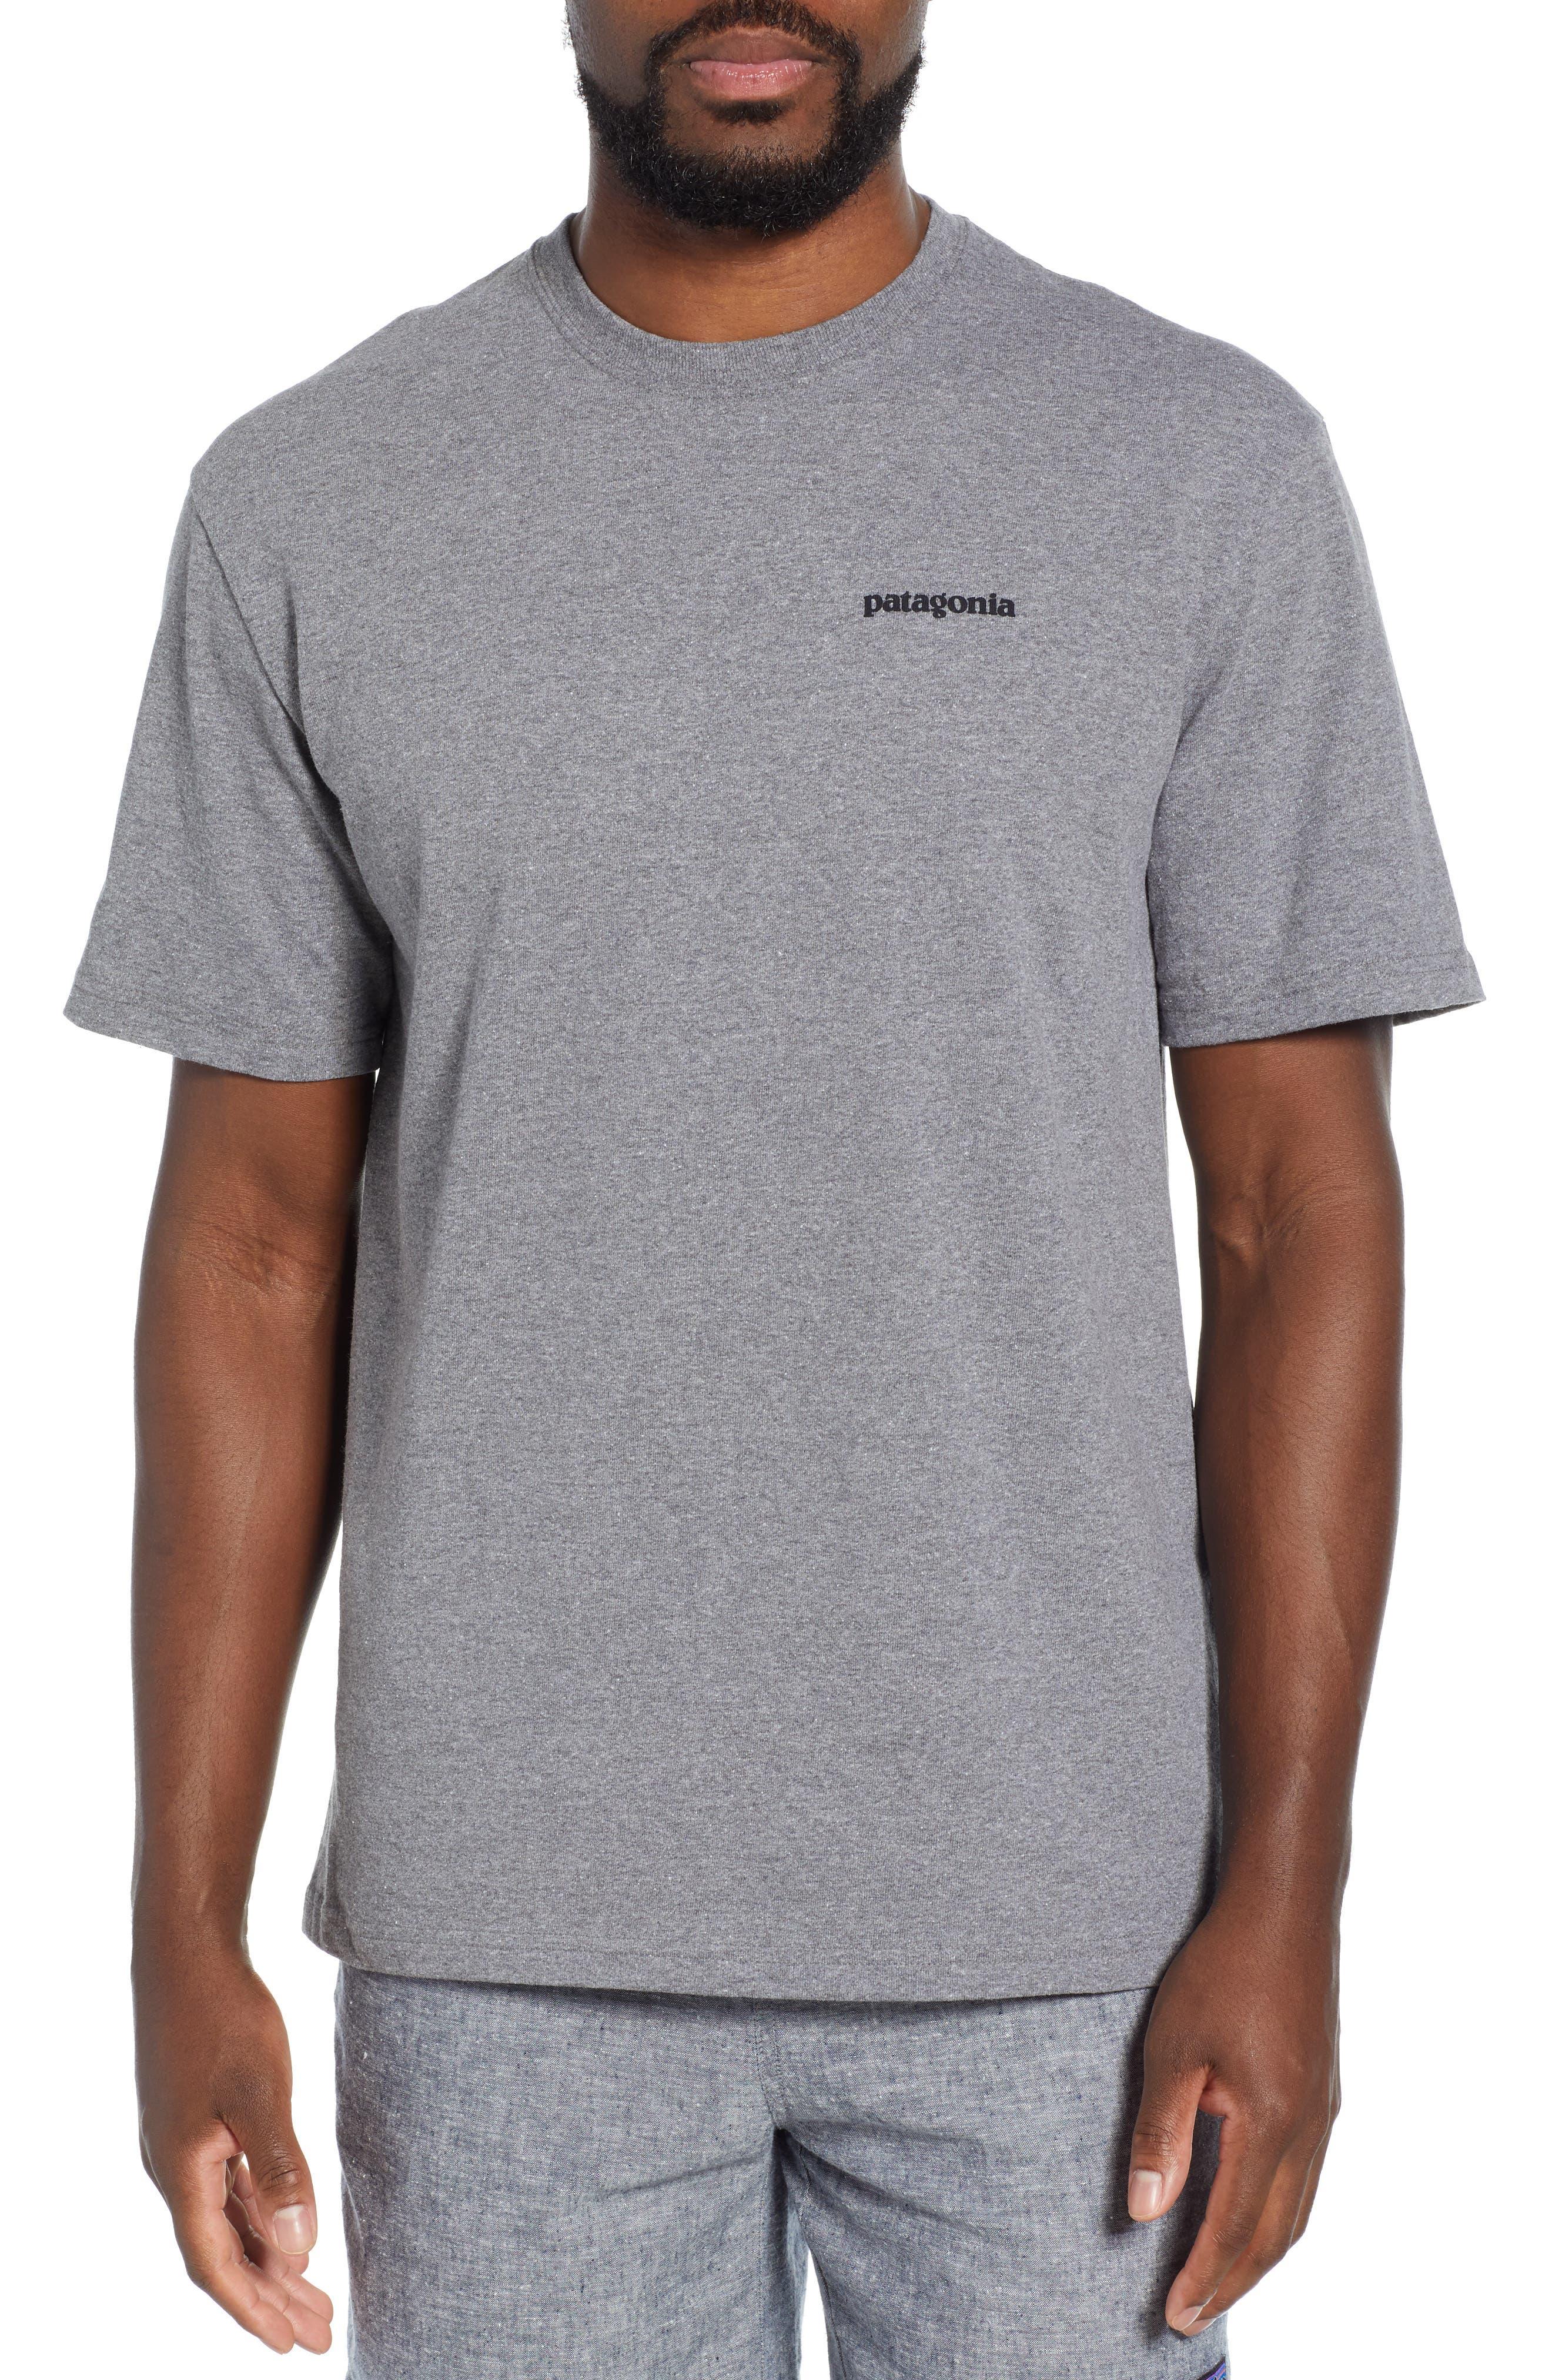 Patagonia Fitz Roy Bison Responsibili-Tee T-Shirt, Grey